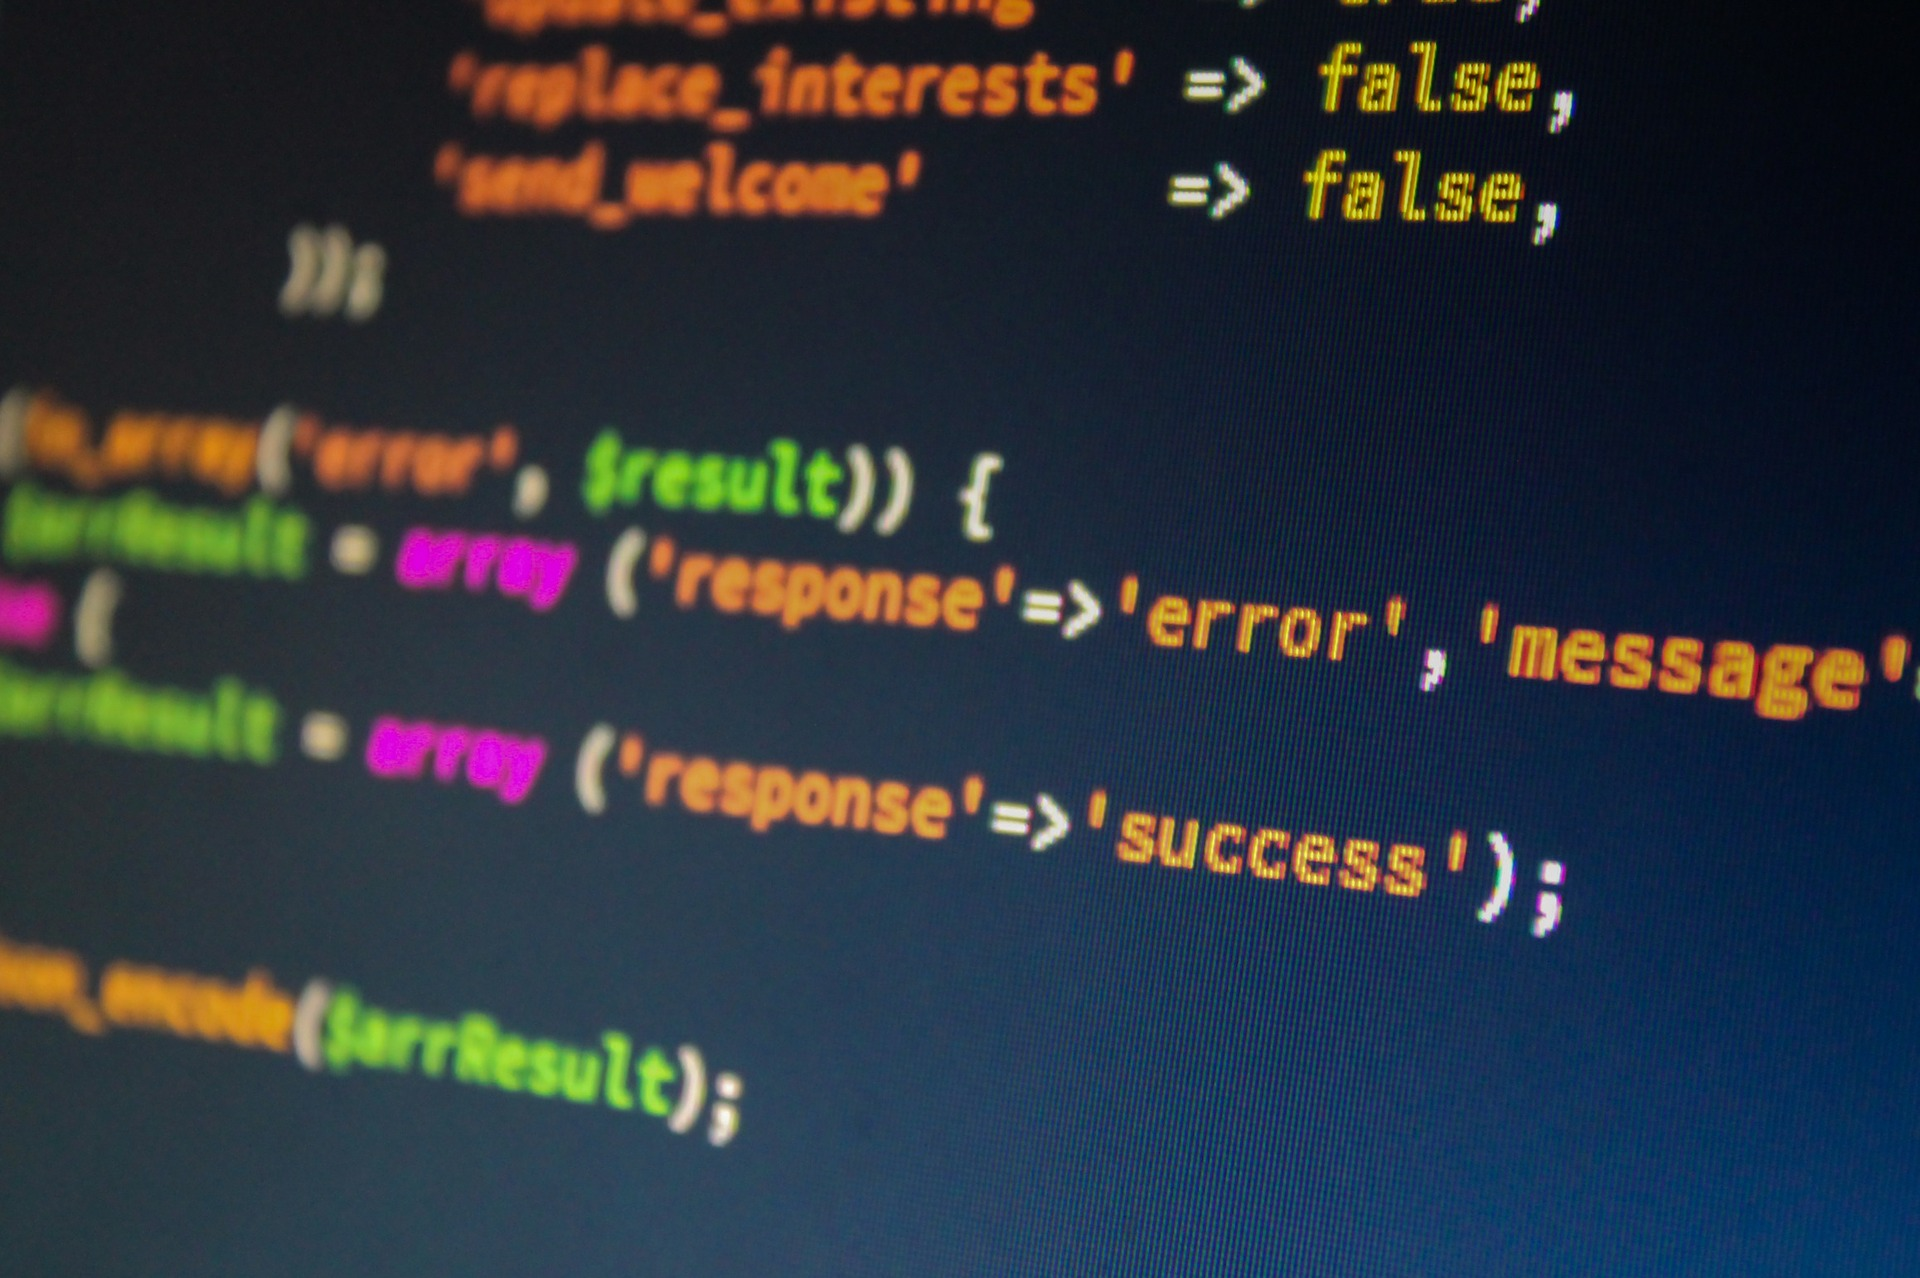 écran d'ordinateur affichant des lignes de codes